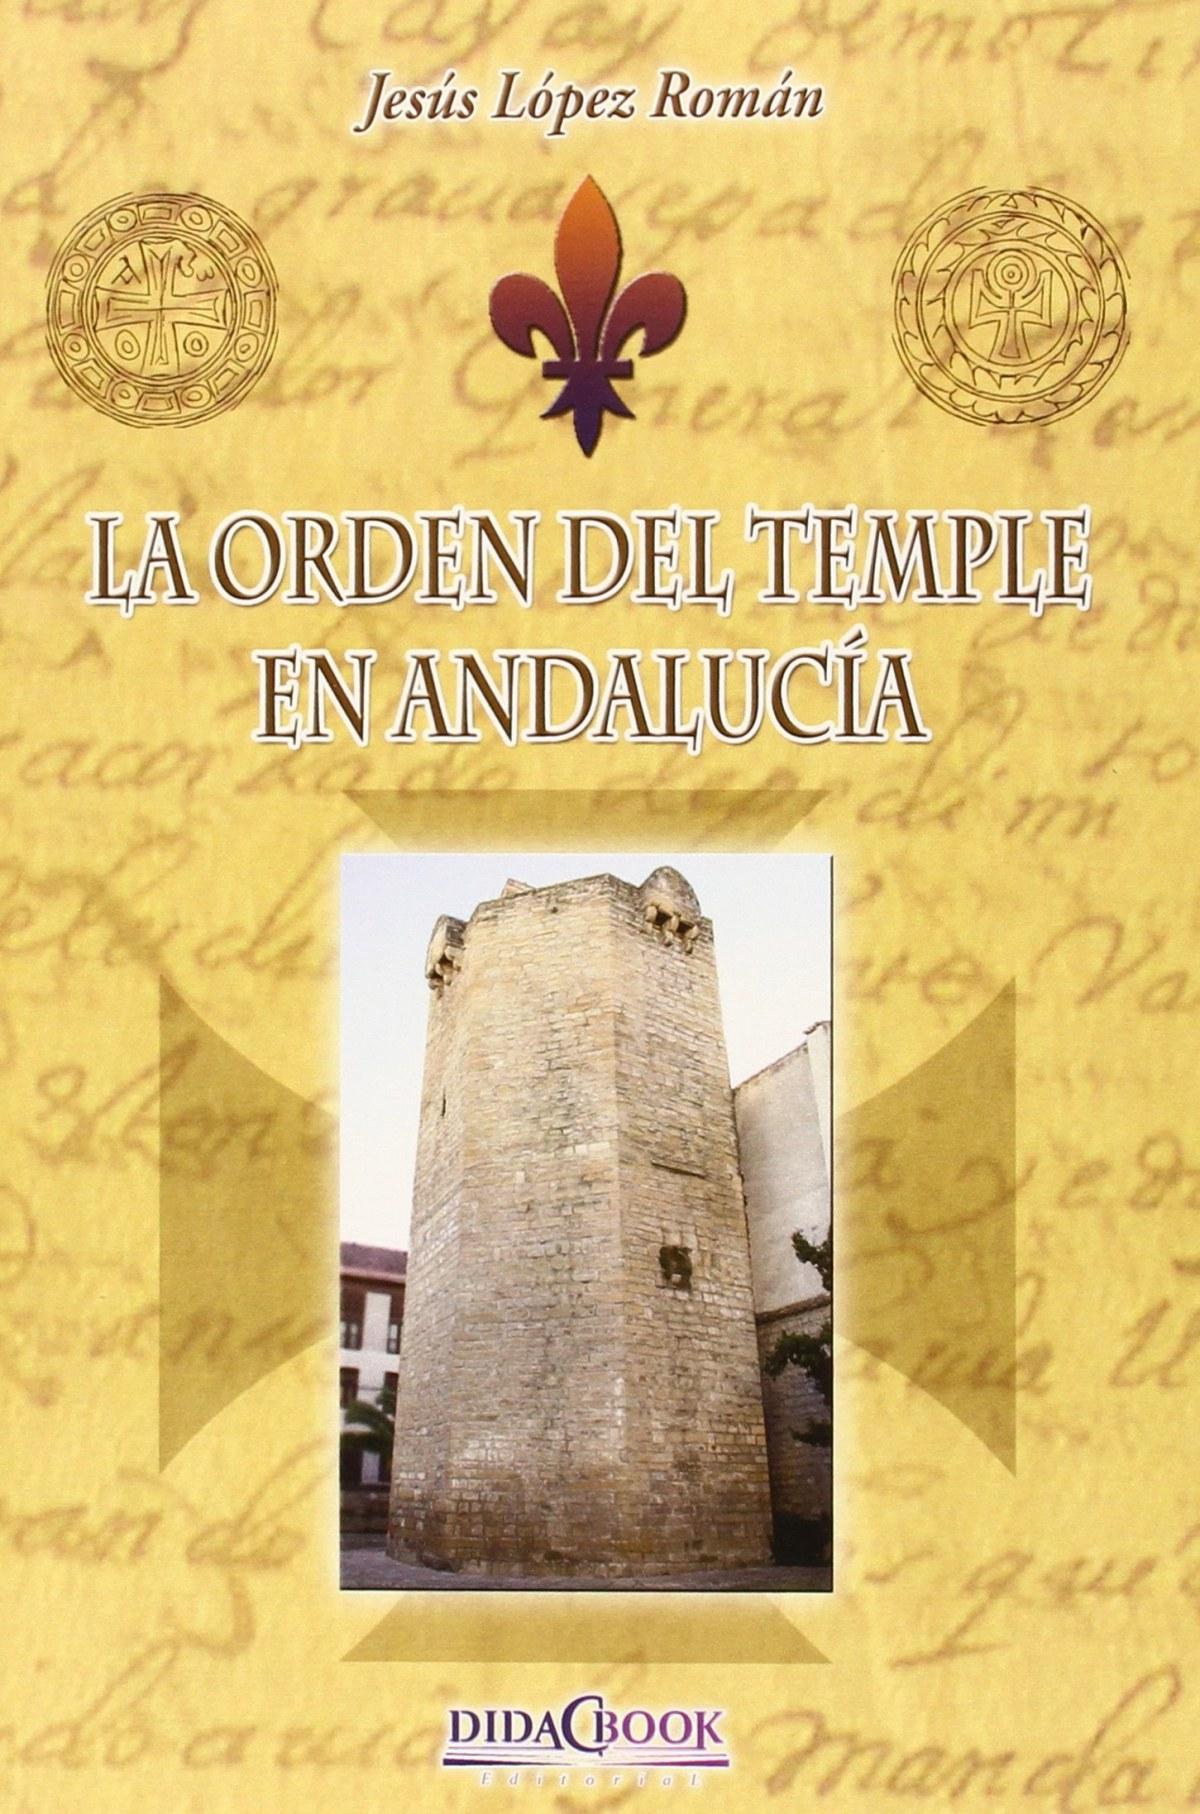 La orden del temple en Andaluc¡a 9788415969372